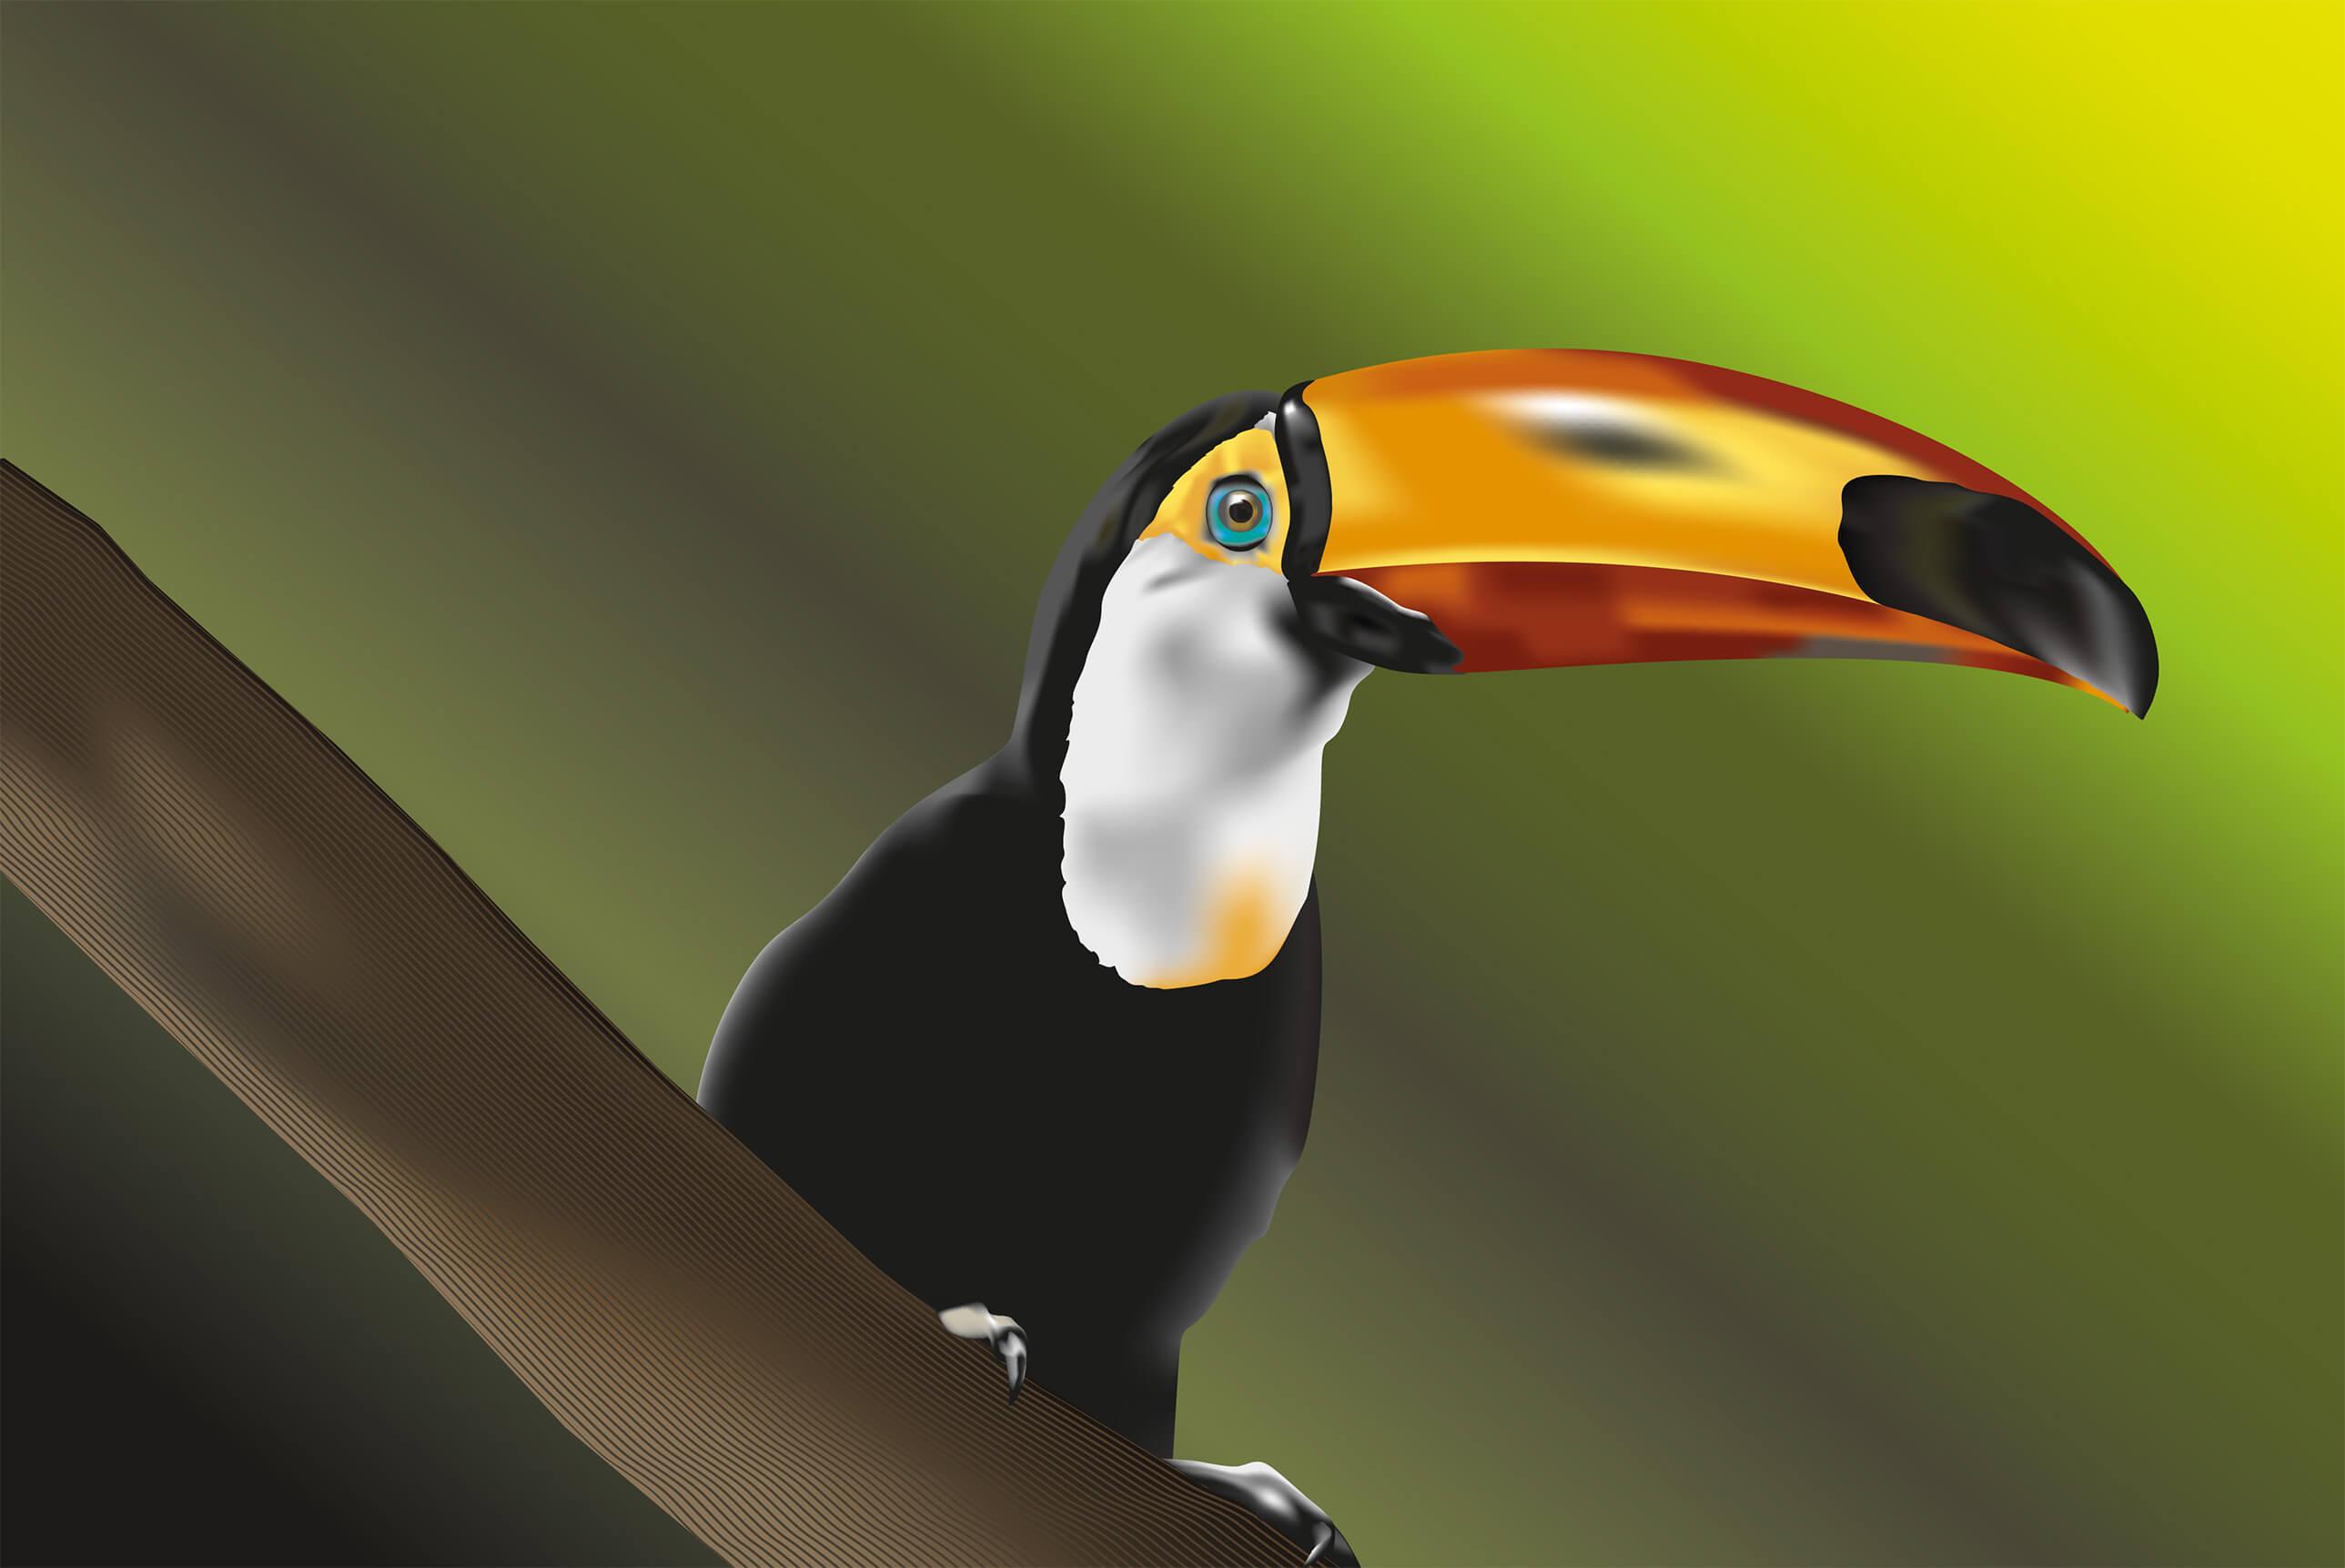 Dessin vectoriel de toucan réalisé sur Illustrator